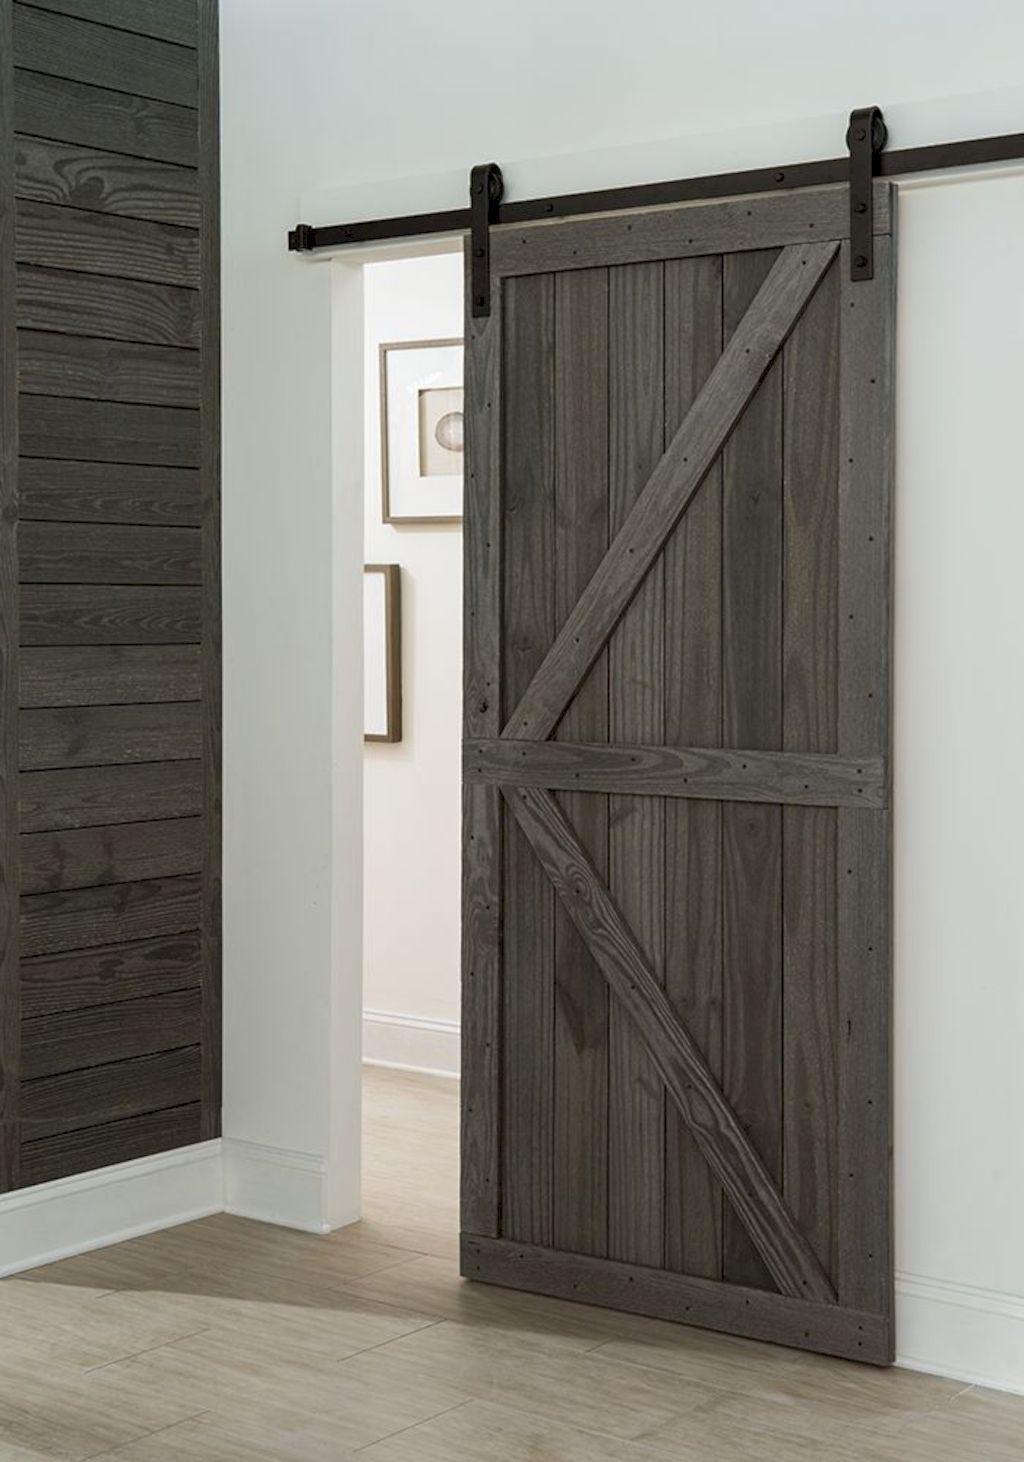 Barn Style Sliding Doors For Modern Bedroom Ideas Barn